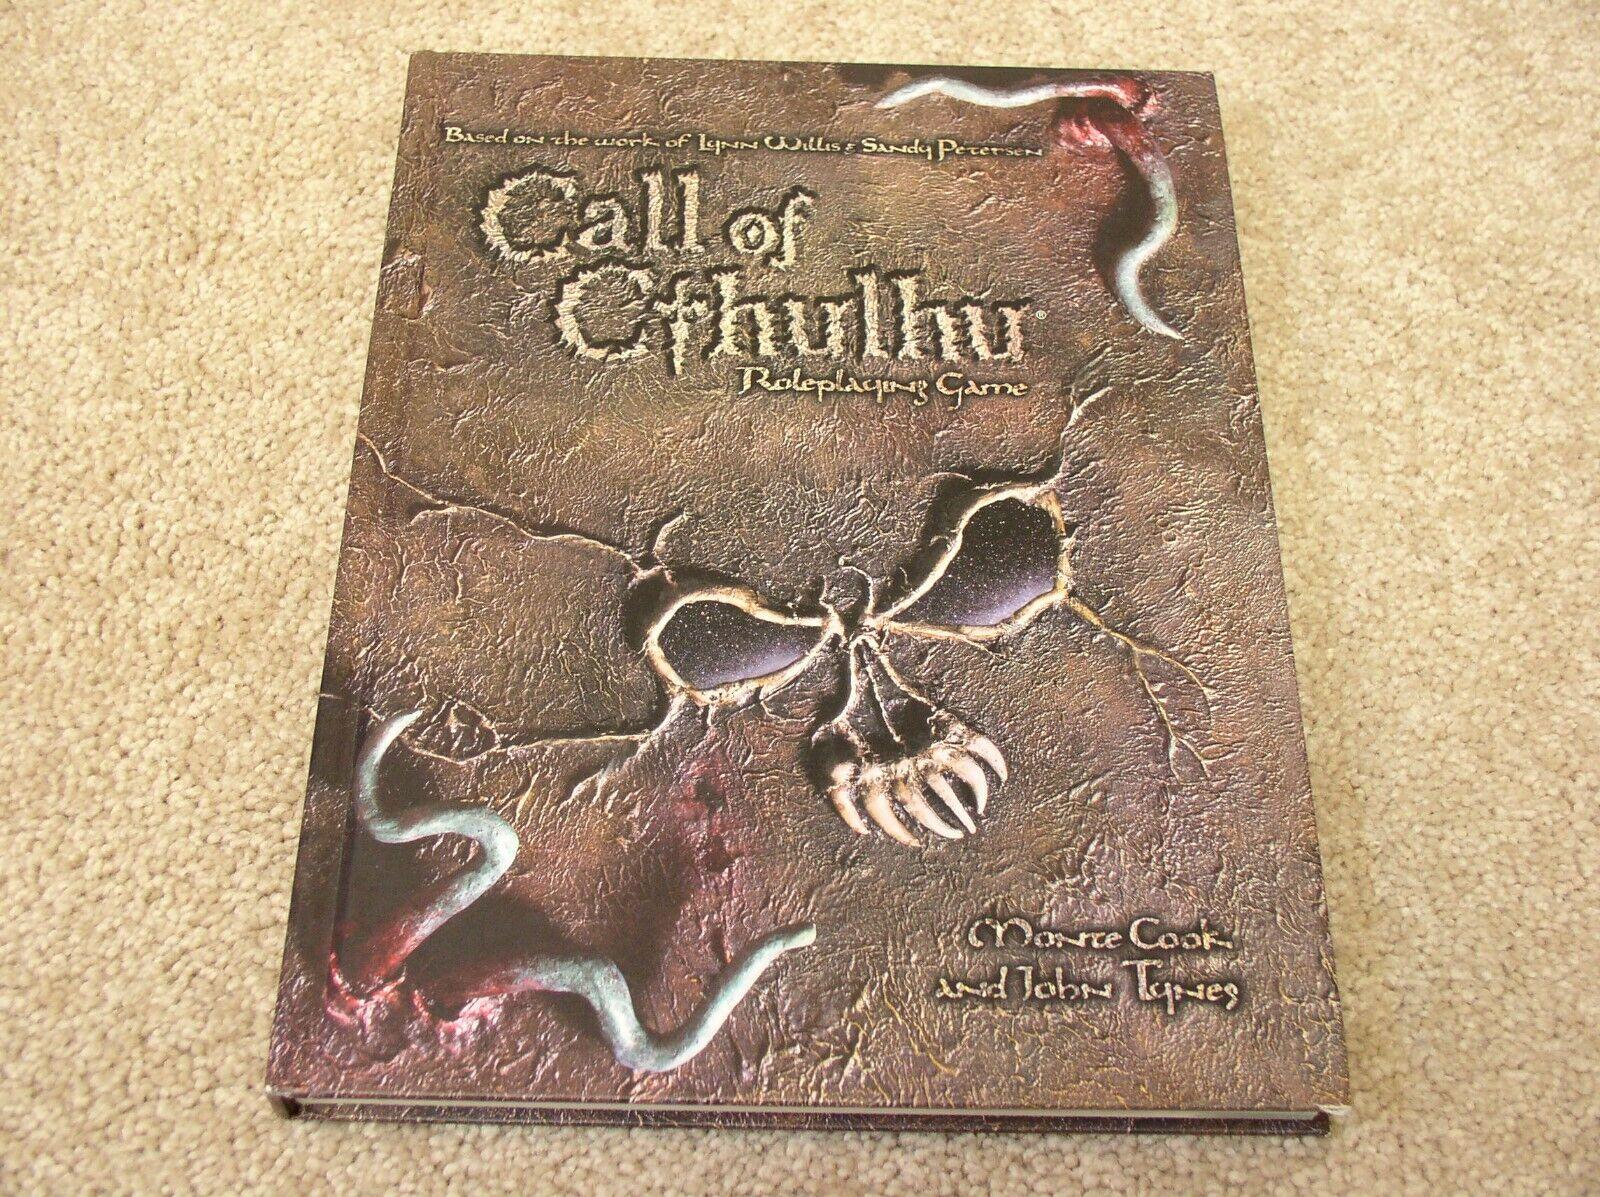 WOTC Ctutti  of Cthulhu d20 Roleplaying gioco hardcover rulelibro  spedizione gratuita in tutto il mondo